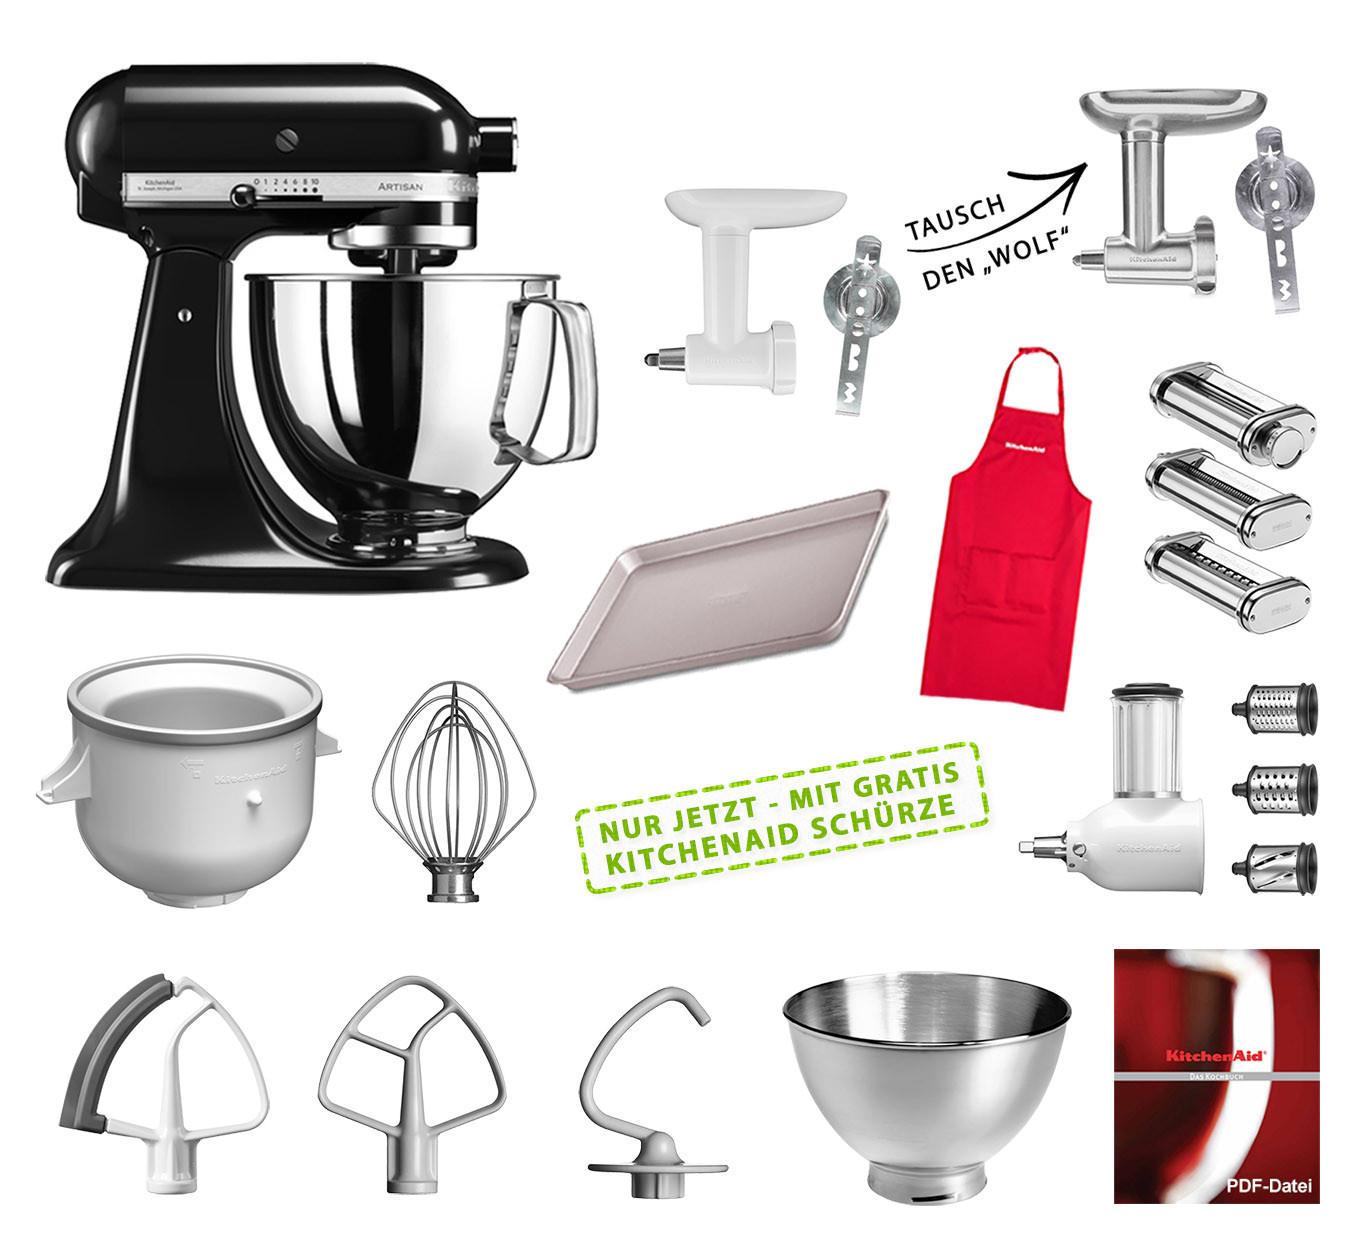 KitchenAid Küchenmaschine 175PS Mega-Paket onyx schwarz suhl-shop